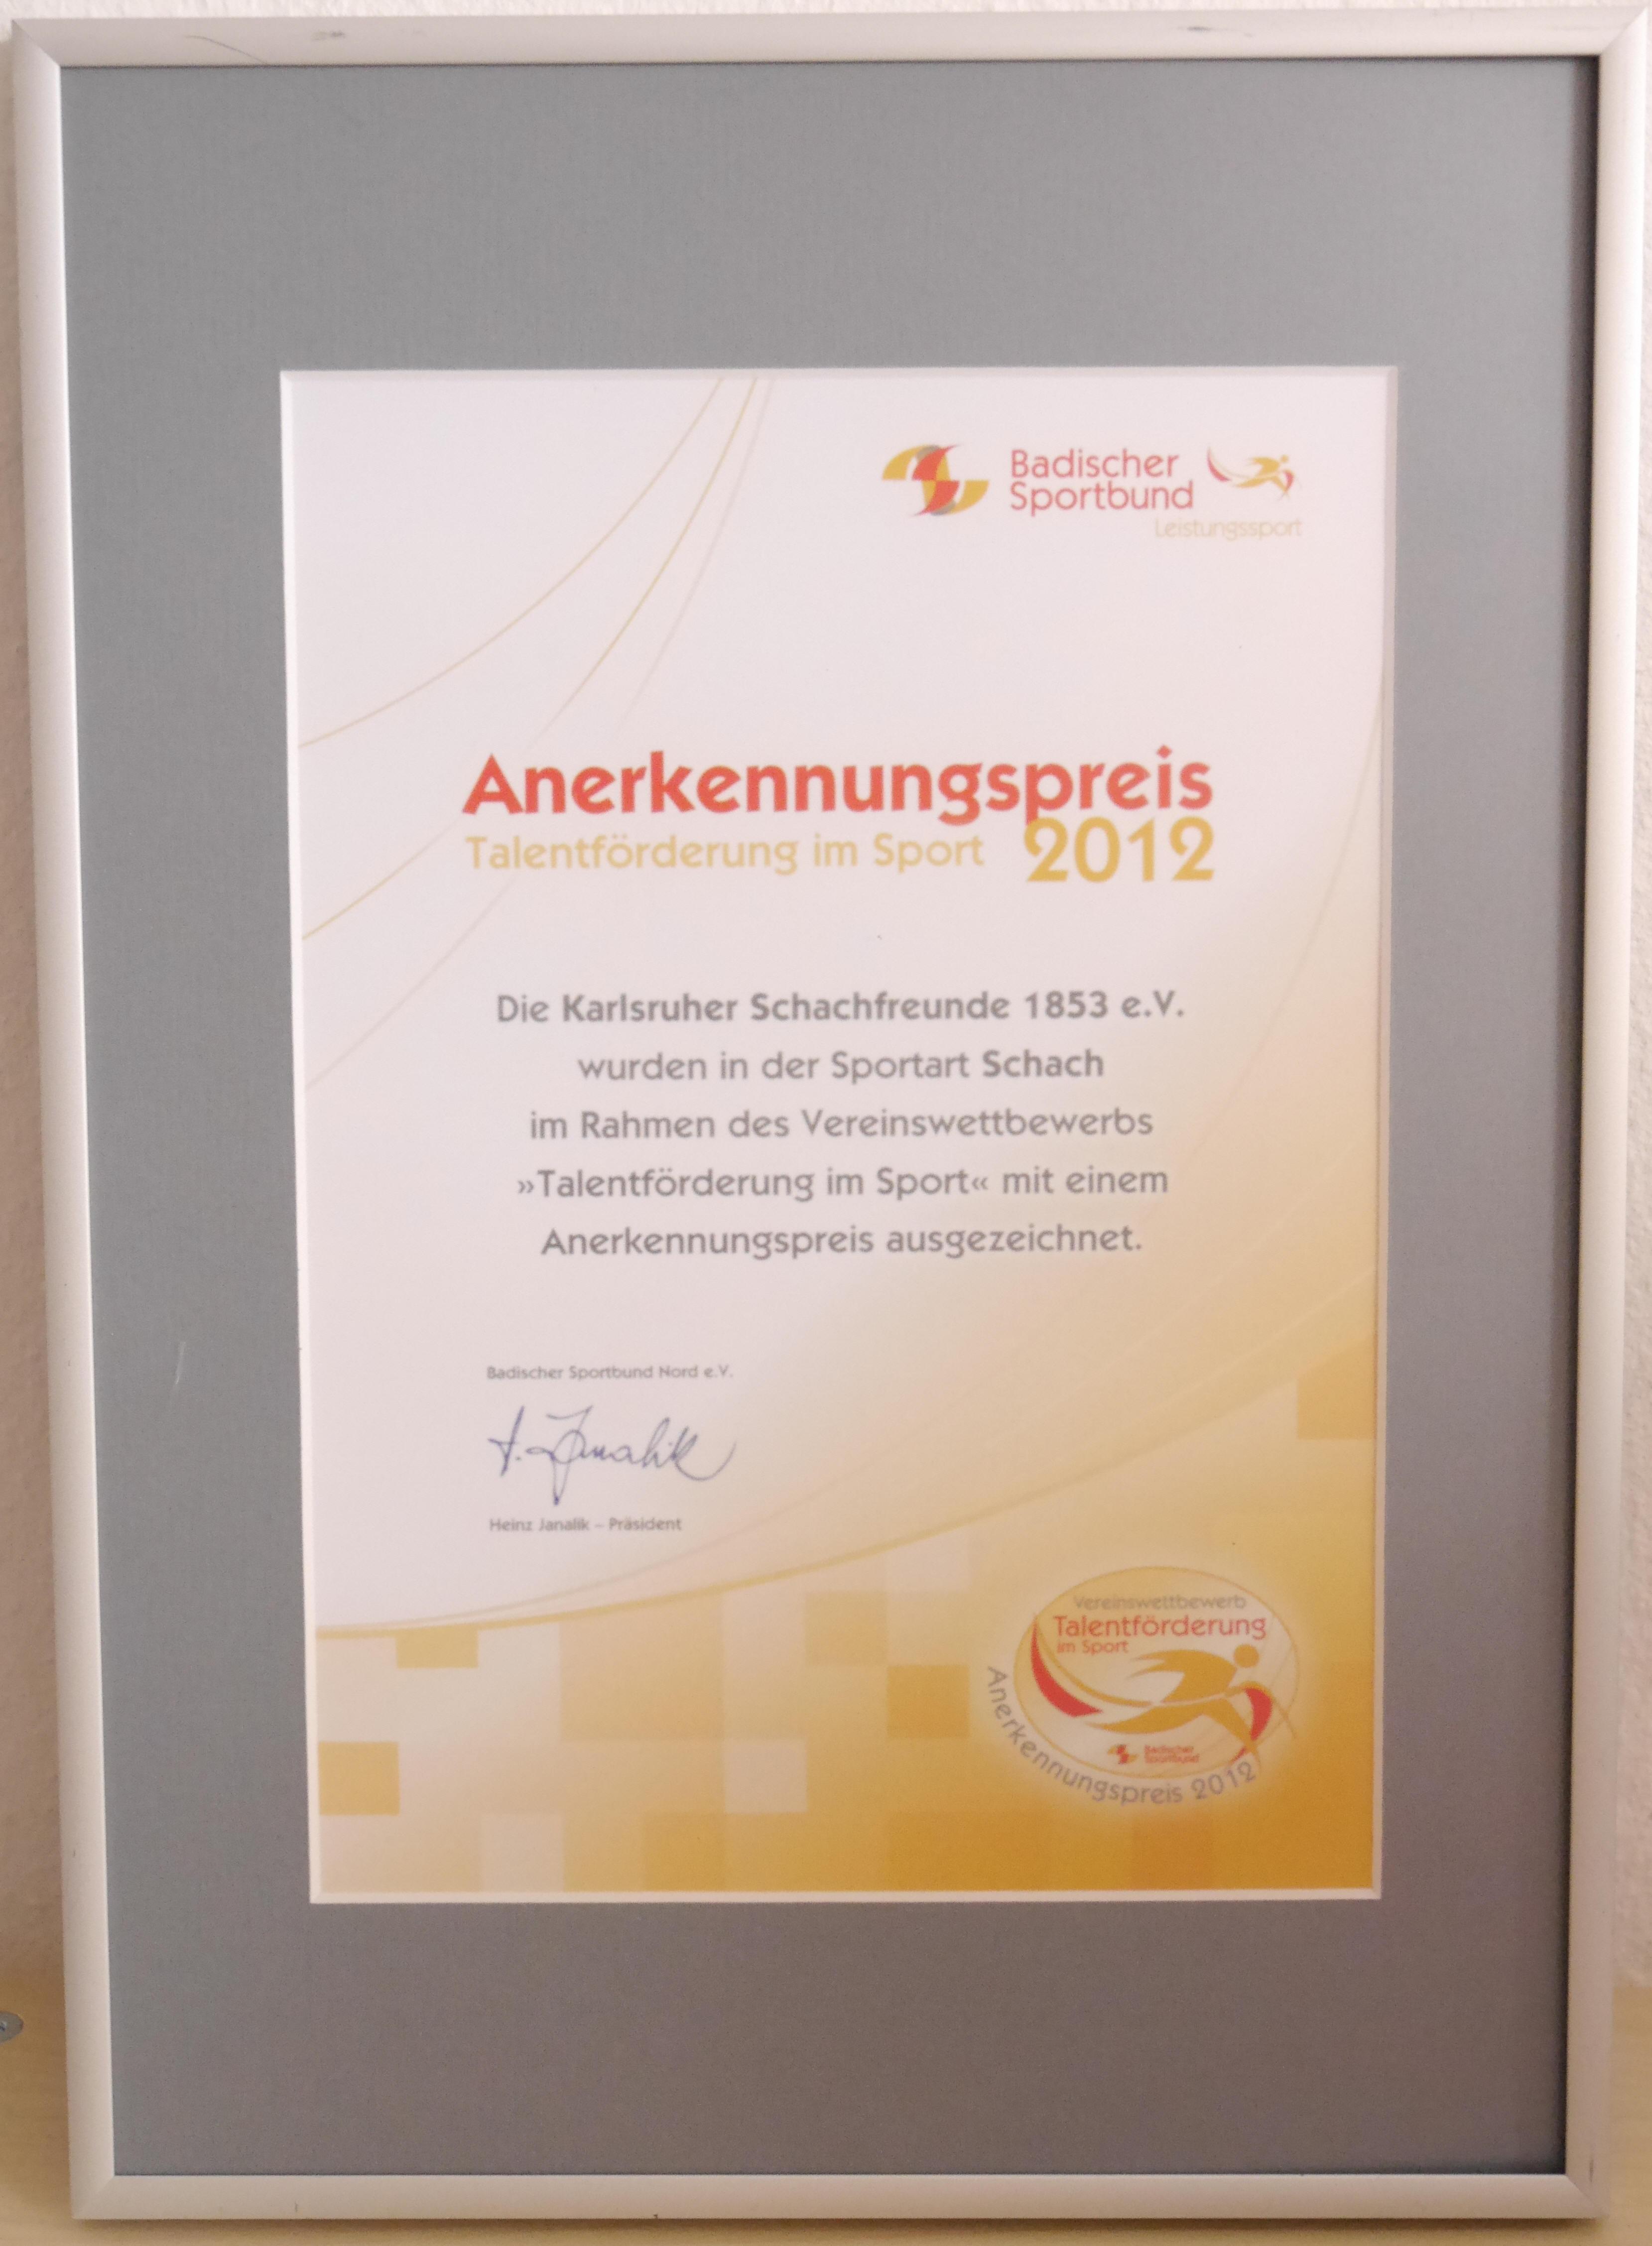 sportbund_anerkennungspreis_2012_01